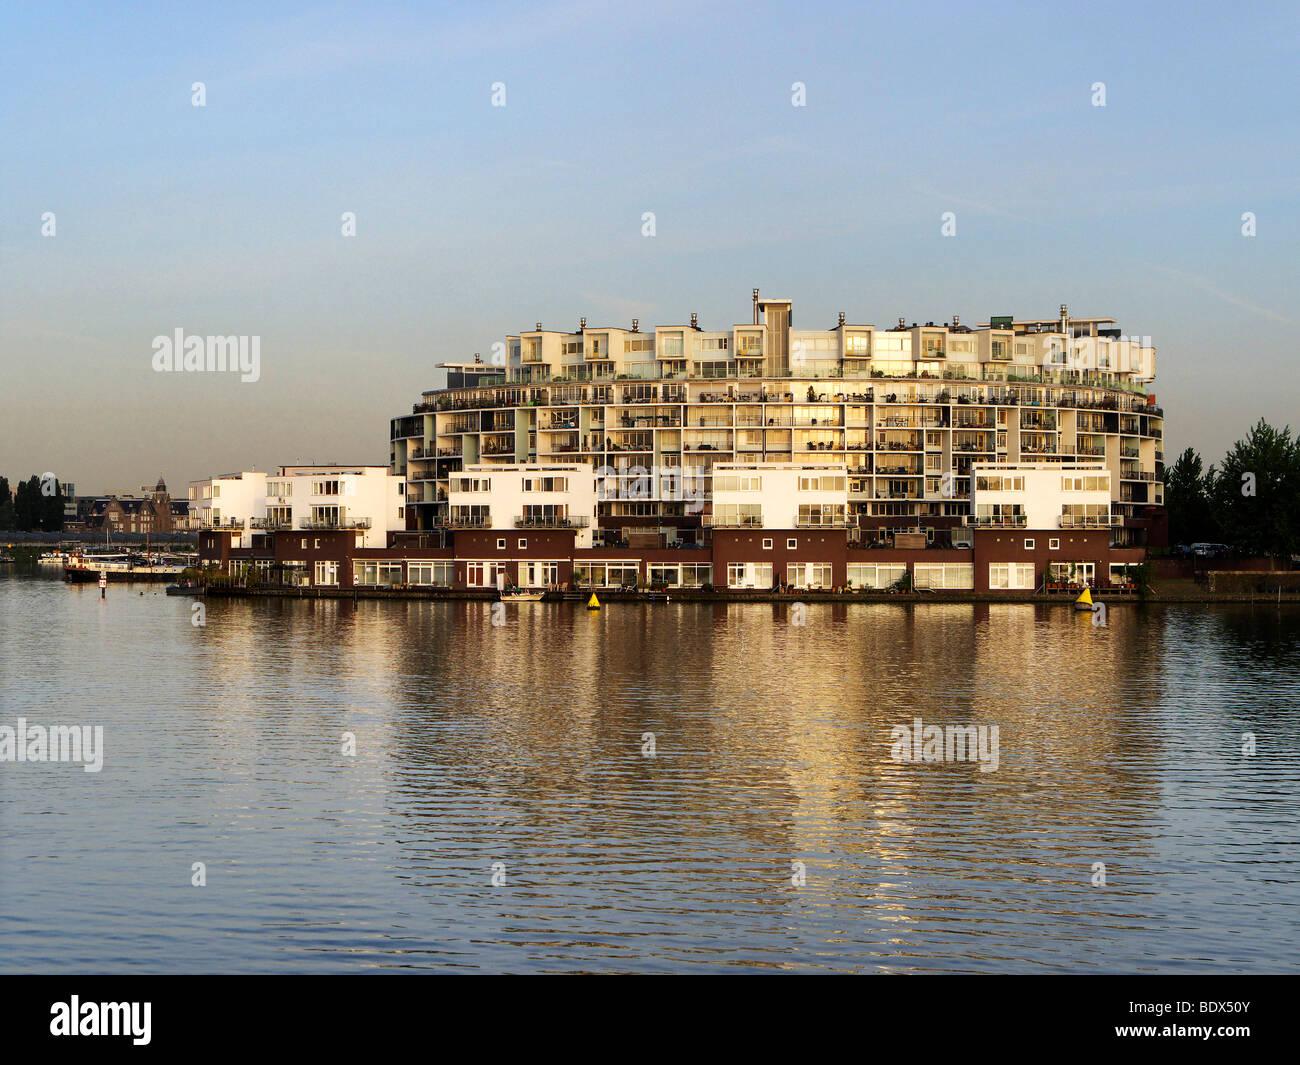 Bloc d'appartement à l'Rijn canal, Amsterdam, Hollande, Pays-Bas, Europe Photo Stock